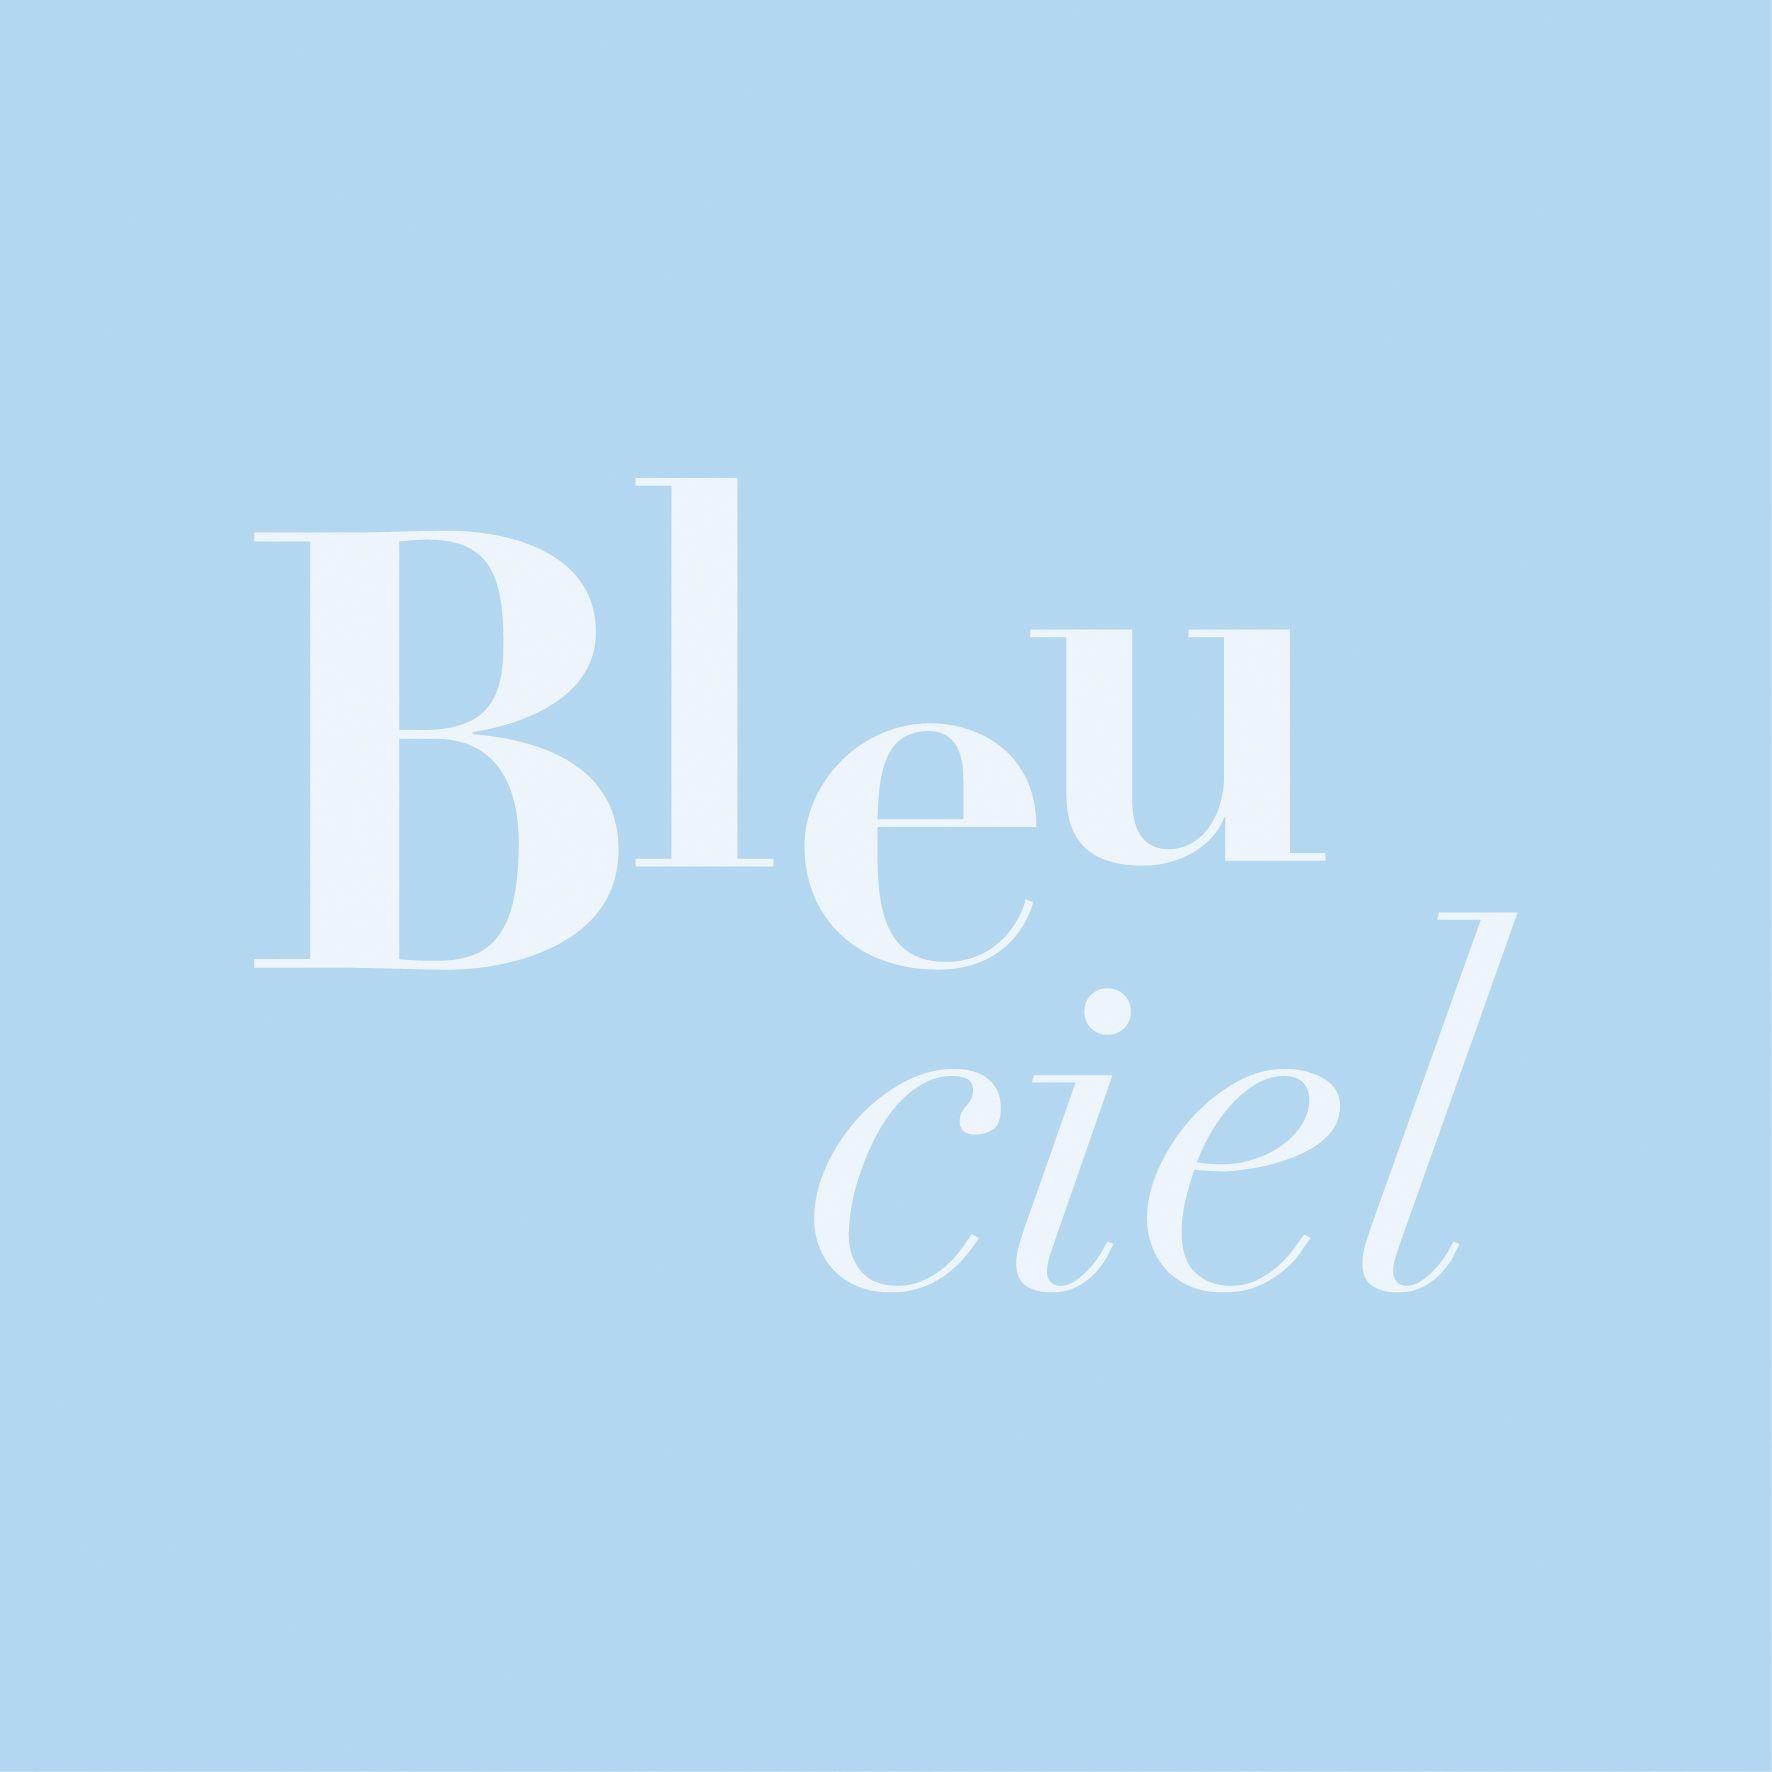 Bleu Ciel Cest Si Bon Pinterest Bleu Couleur Bleue And Couleur